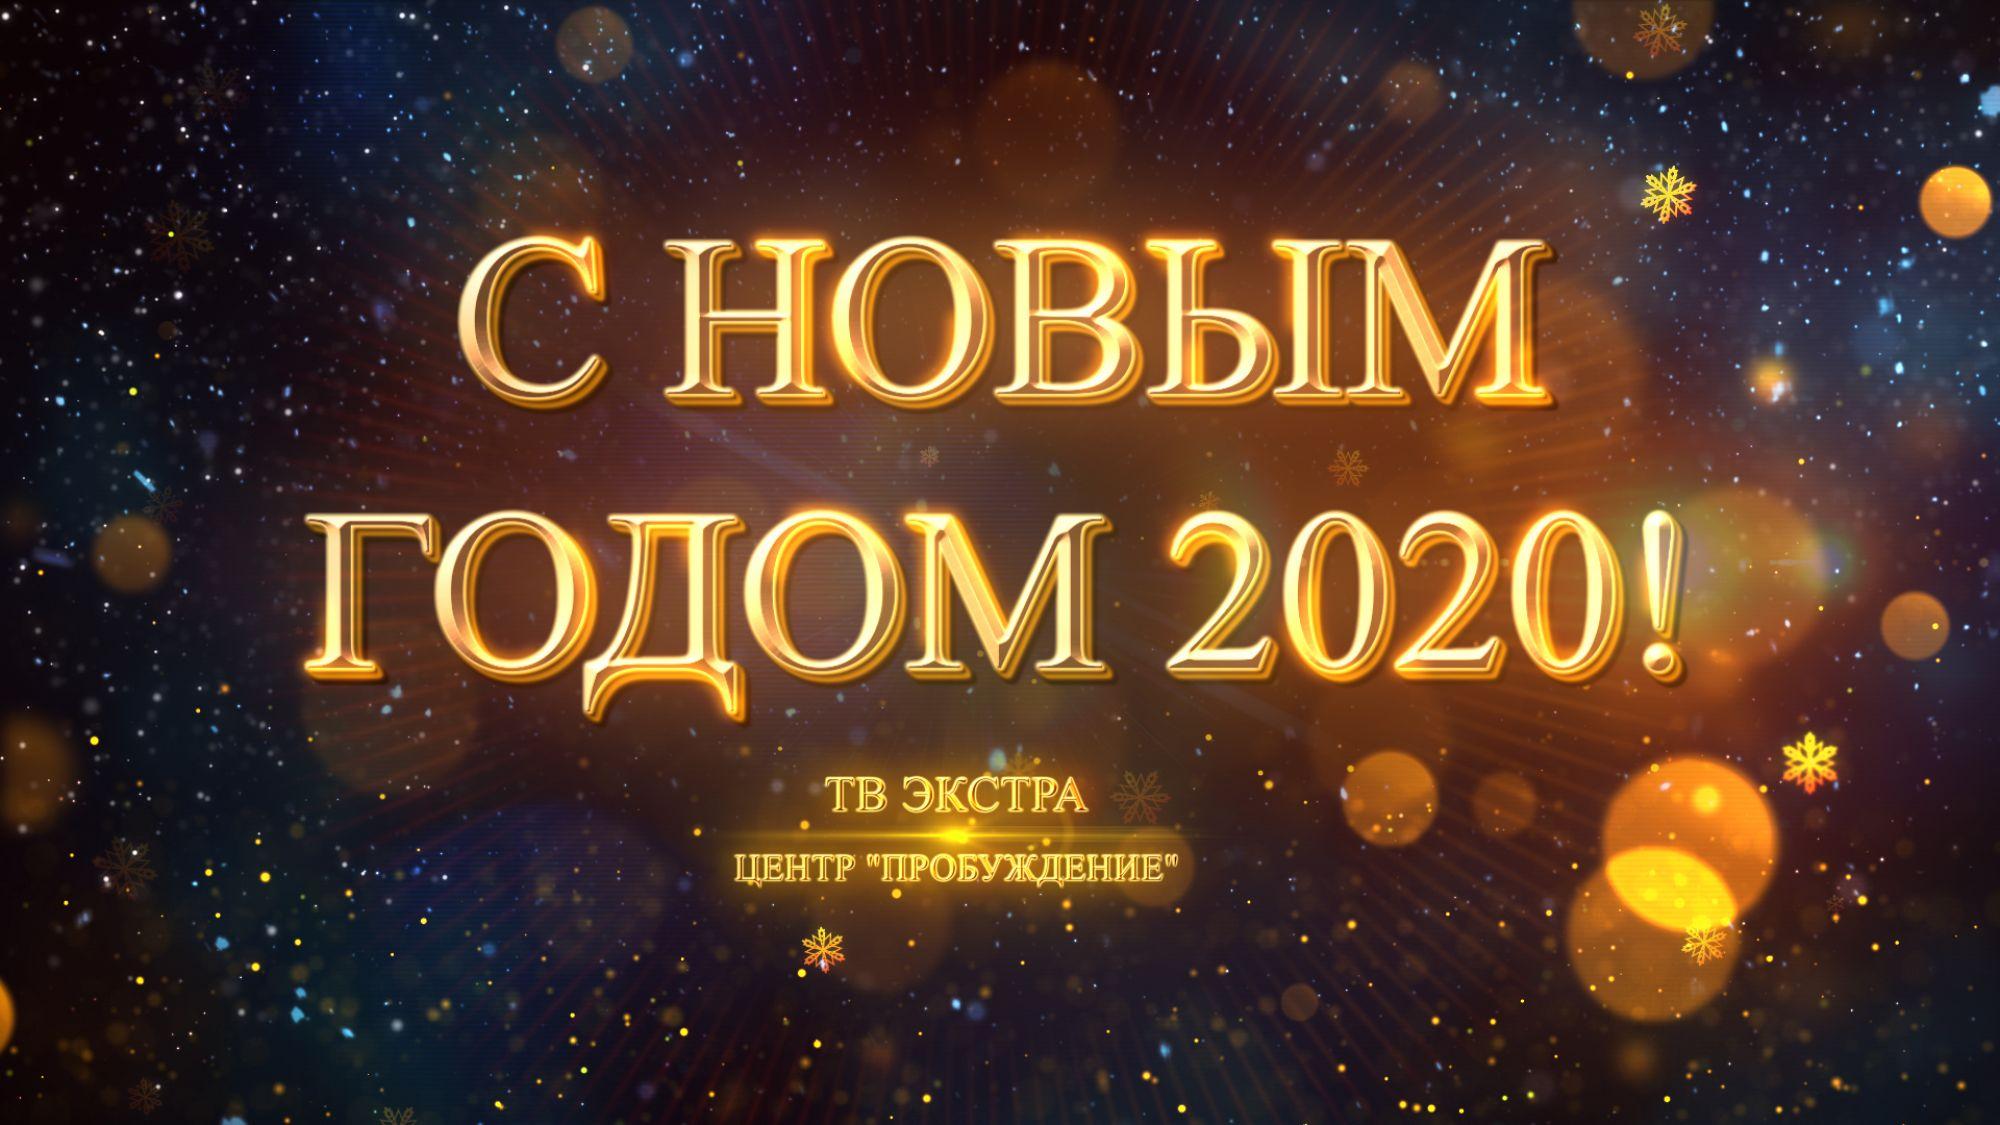 С Наступающим Новым годом 2020!